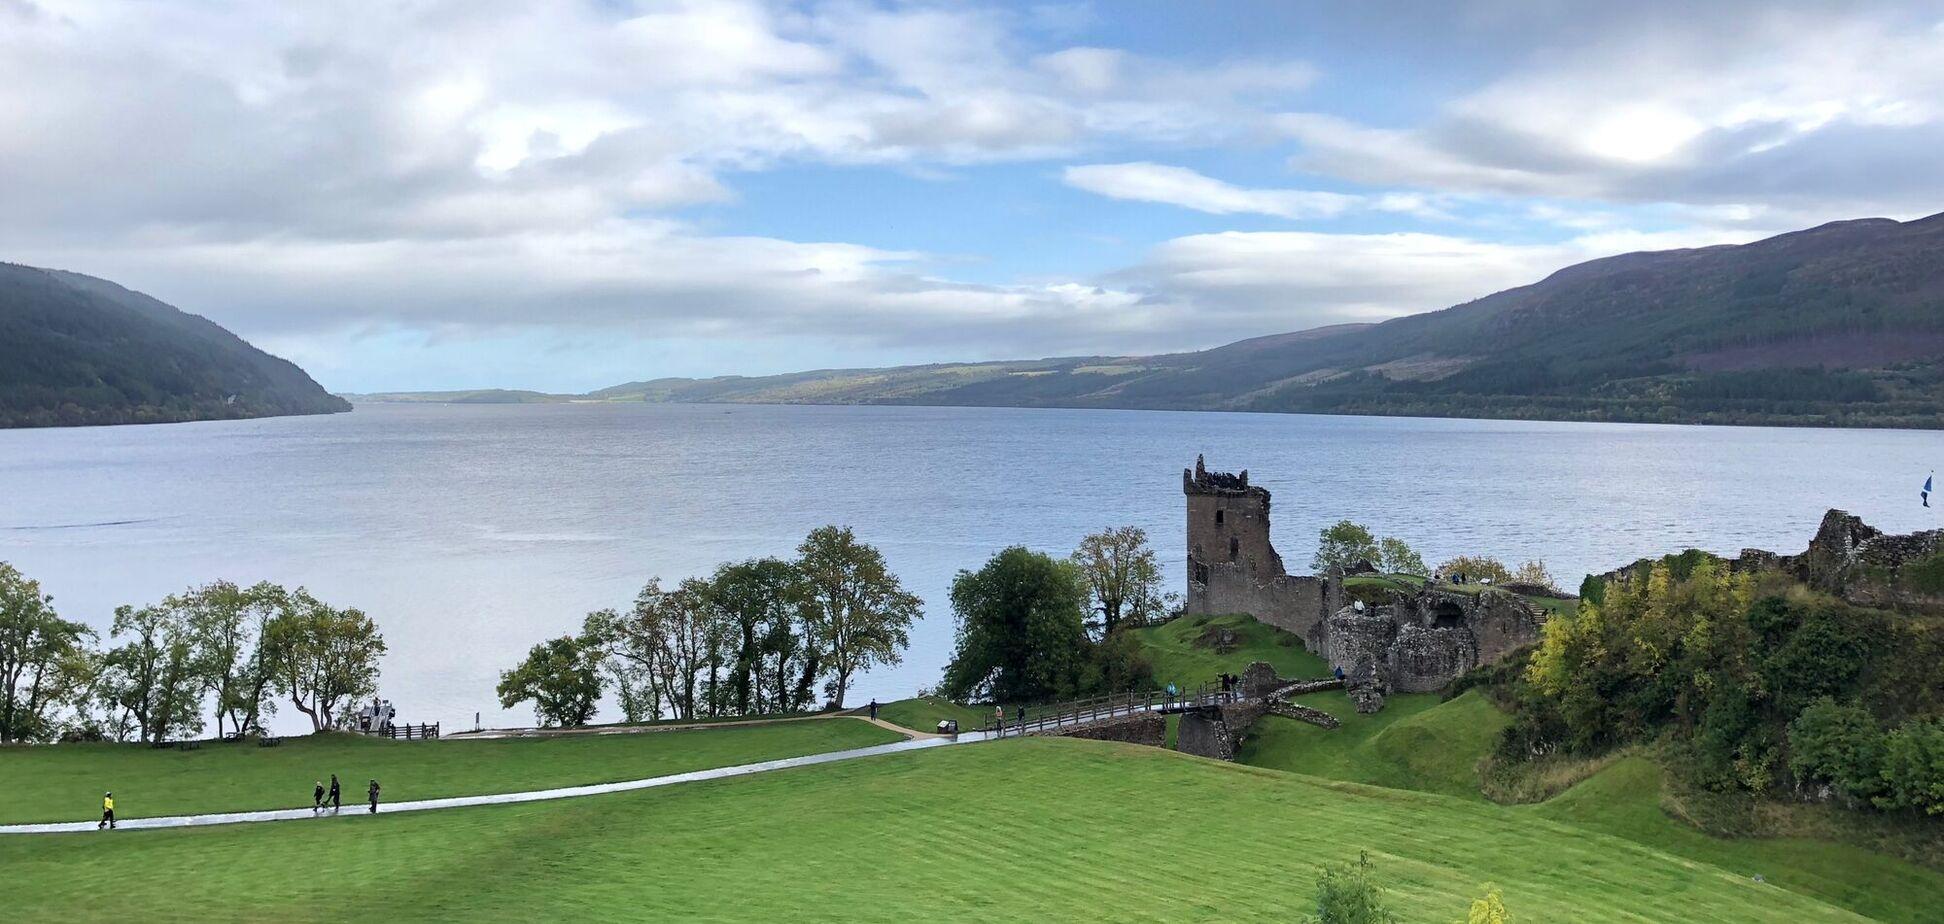 В озере Лох-Несс, согласно шотландской легенде, живет мифический монстр